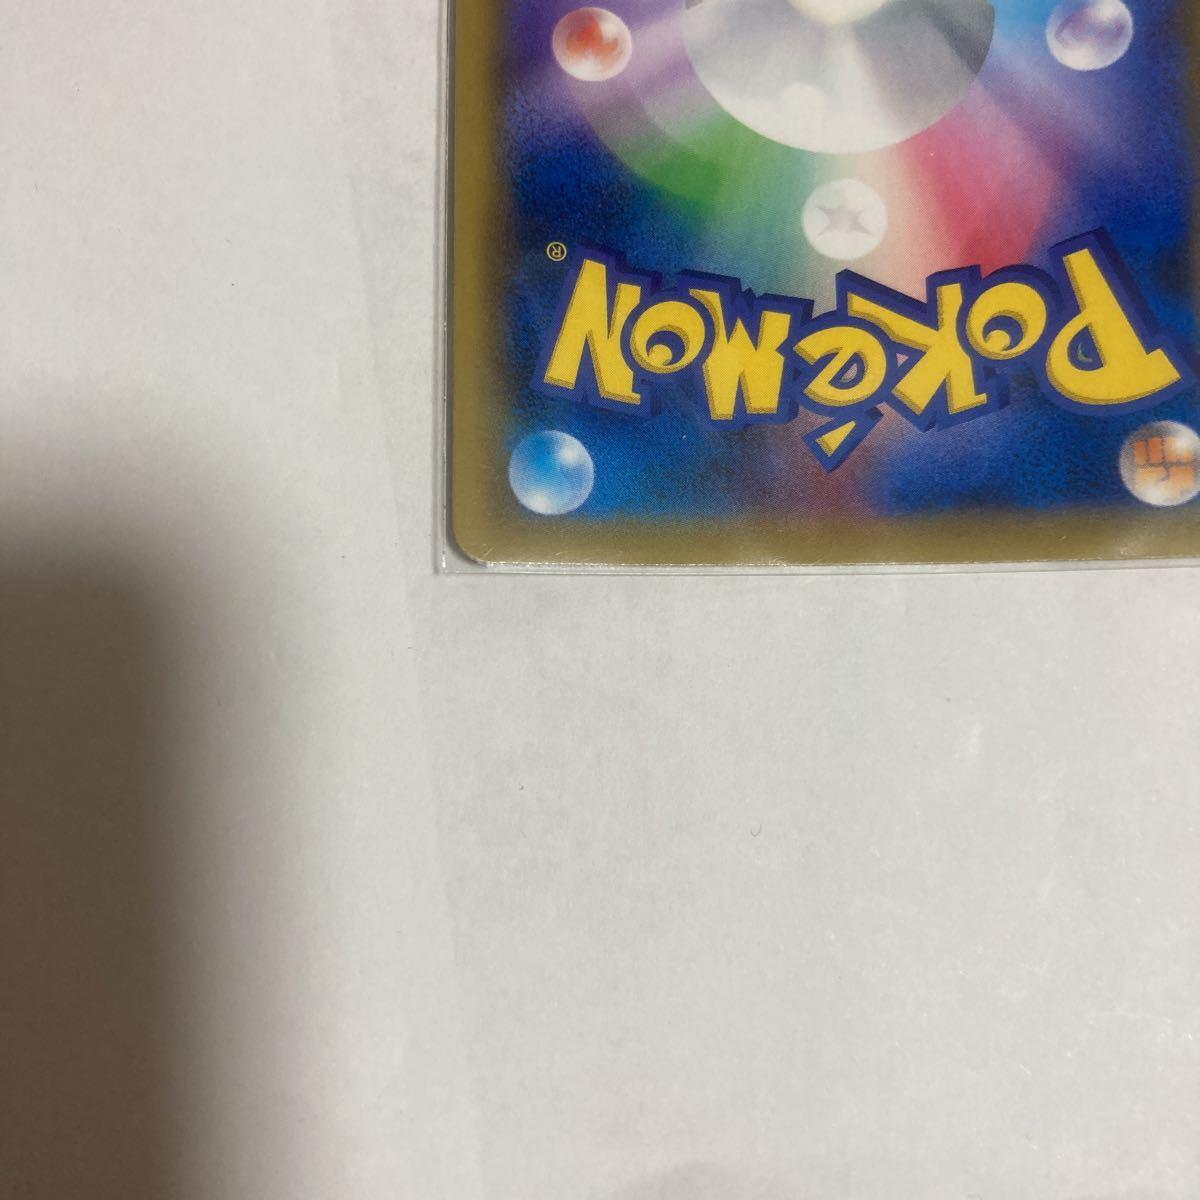 ソルガレオGX UR SM8b ウルトラレア GXウルトラシャイニー 249/150 かがやくたてがみ ターボストライク ポケカ ポケモンカードゲーム_画像10